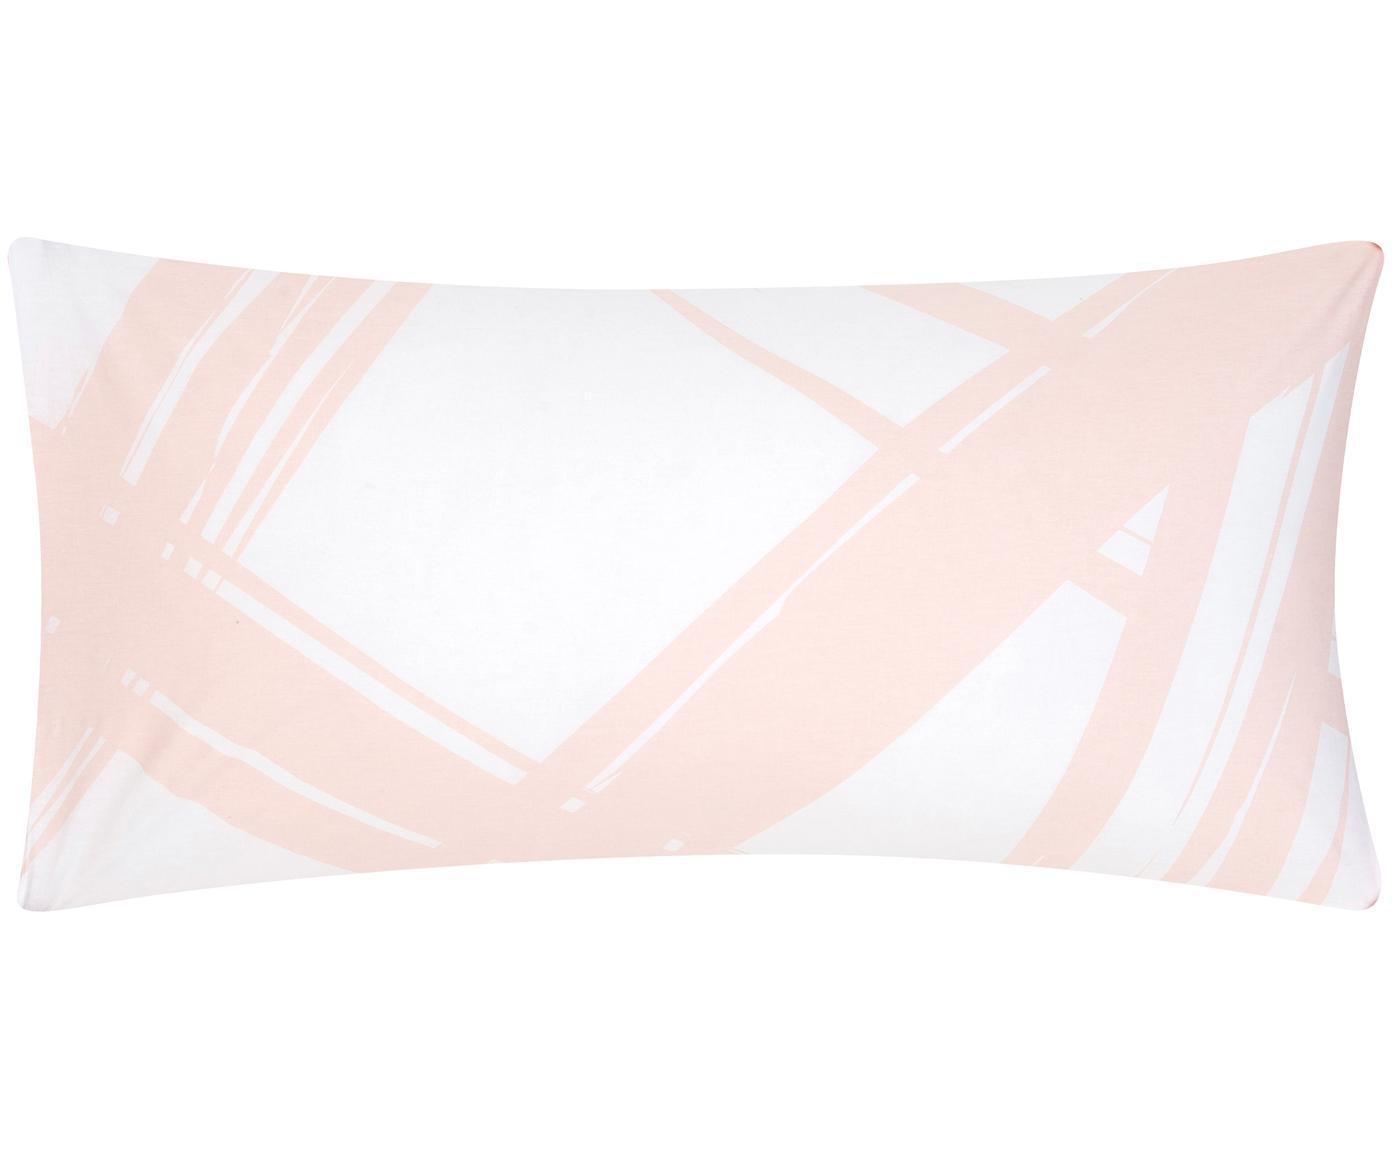 Baumwoll-Kissenbezüge Brush mit abstraktem Print, 2 Stück, Webart: Renforcé Fadendichte 144 , Hellapricot, Weiß, 40 x 80 cm